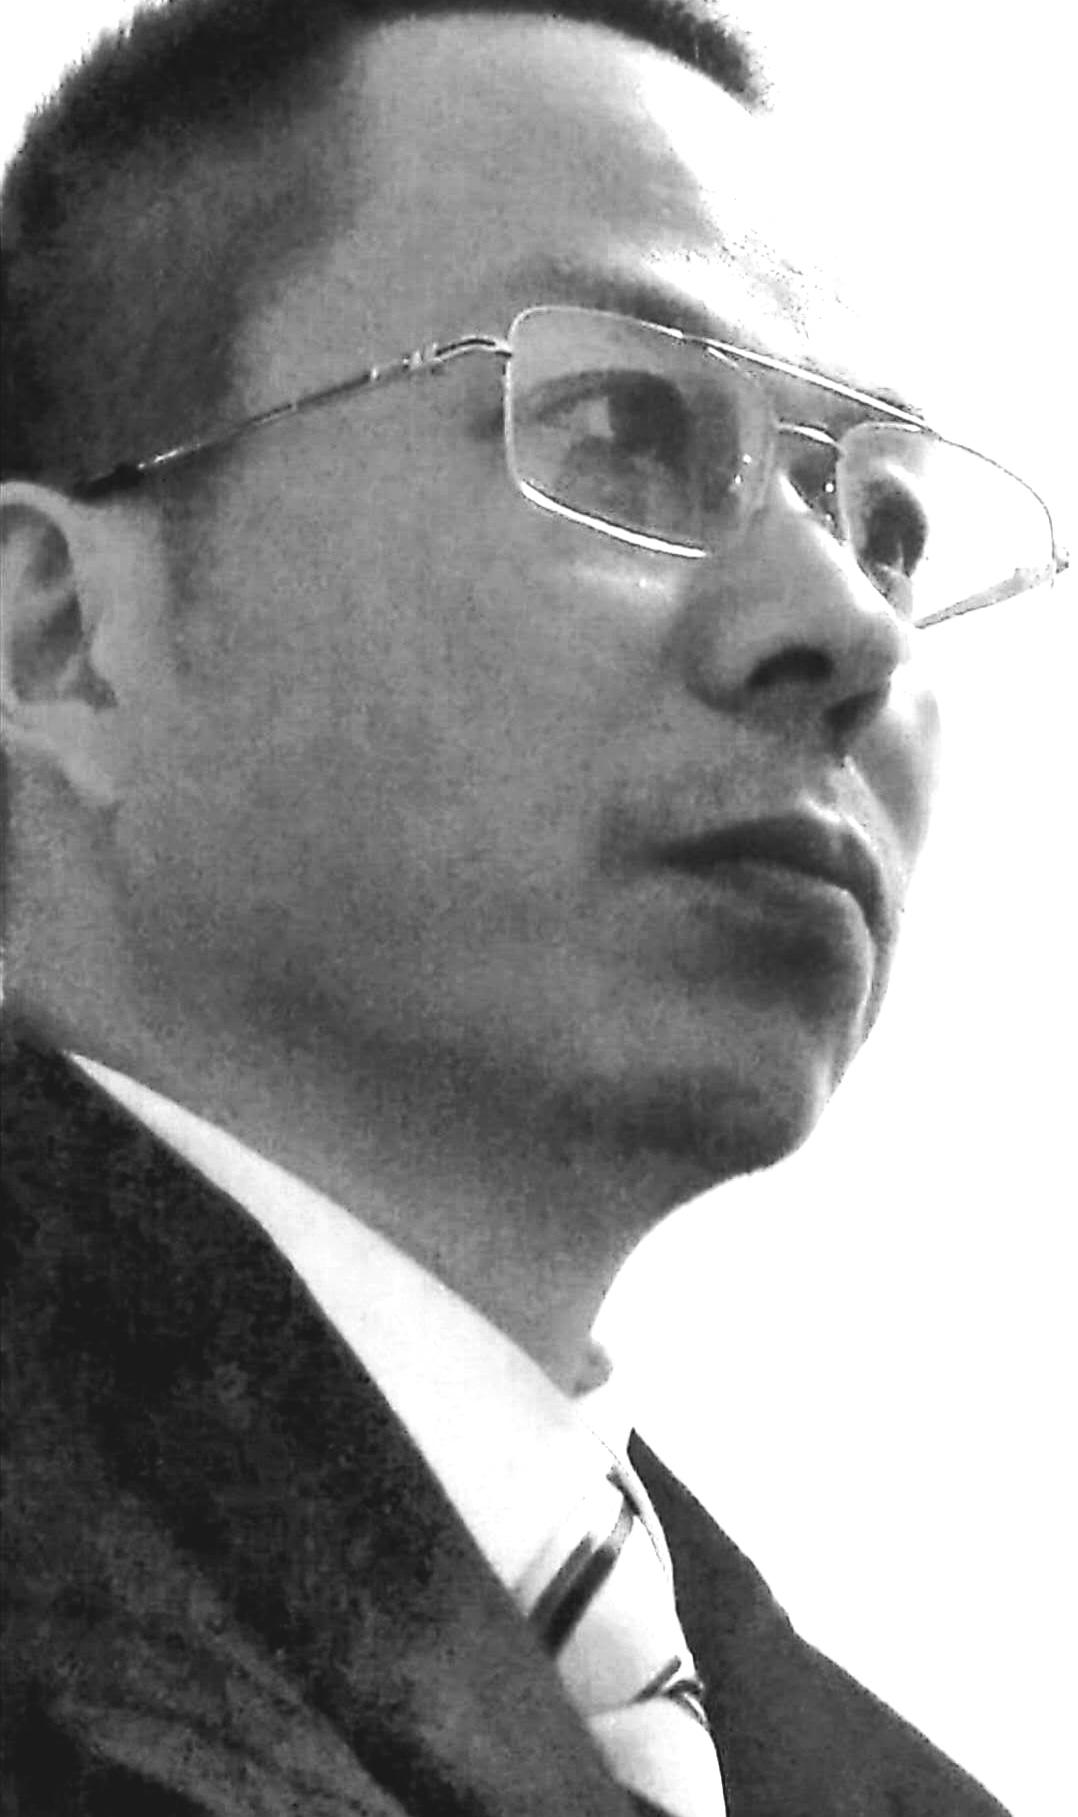 国内期货配资 :首届张正天超级中药课题专家交流会在京举行